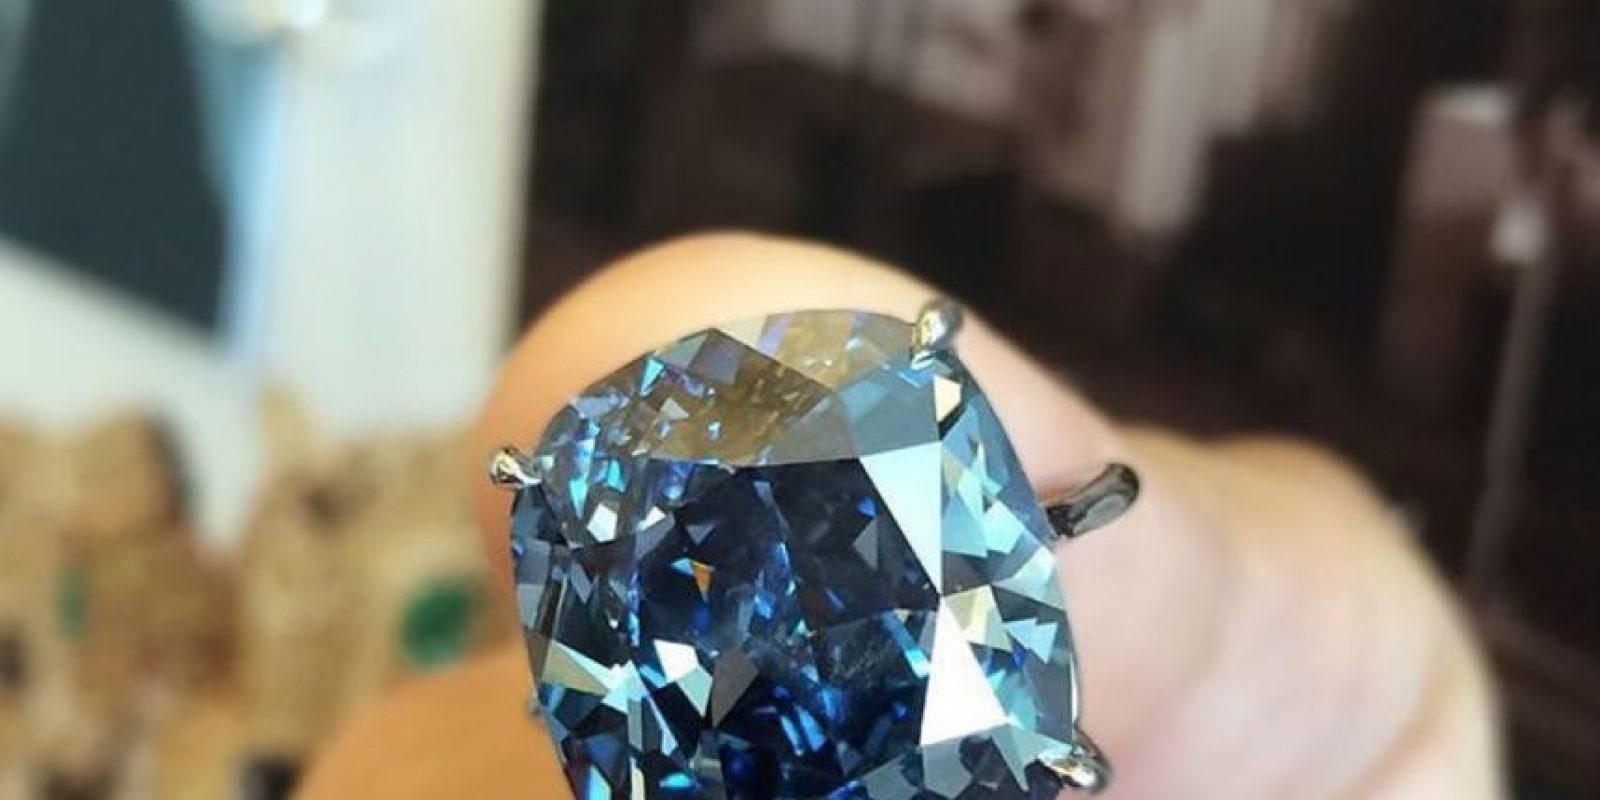 Este diamante costó 48.4 millones de dólares Foto:Vía instagram.com/sothebys